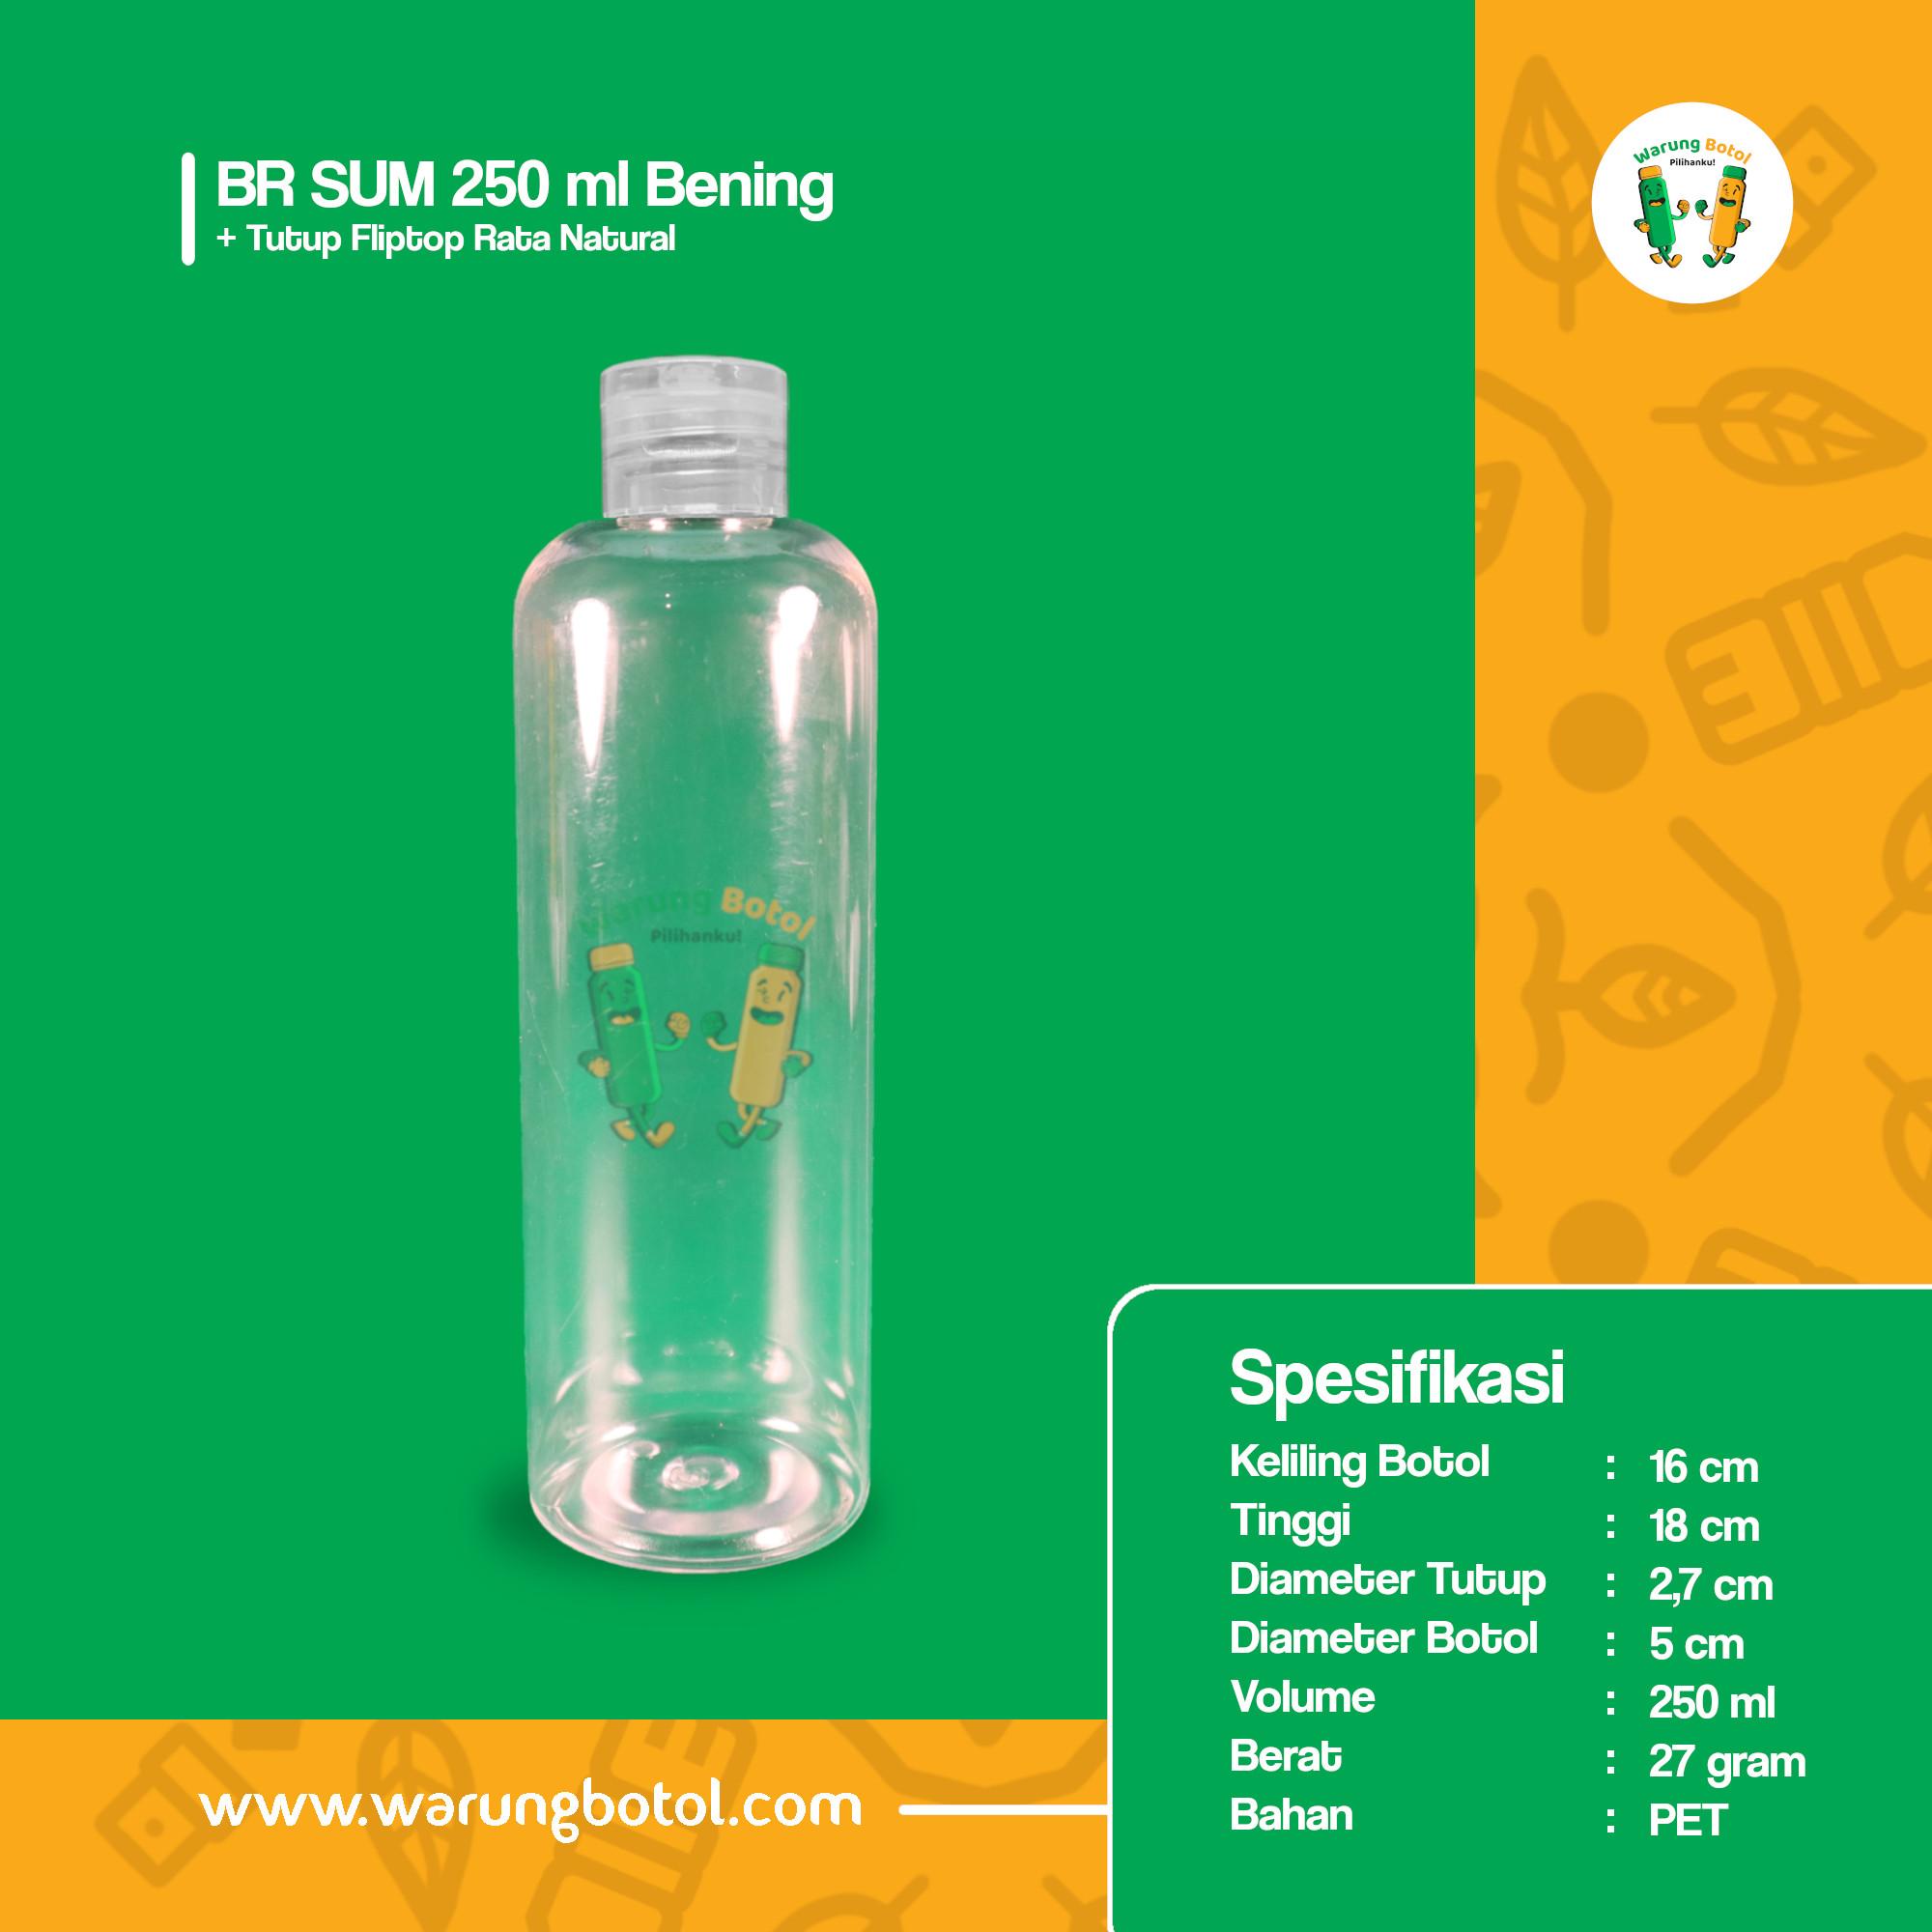 Botol BR 250 ml Bening - Tutup Fliptop Rata Natural